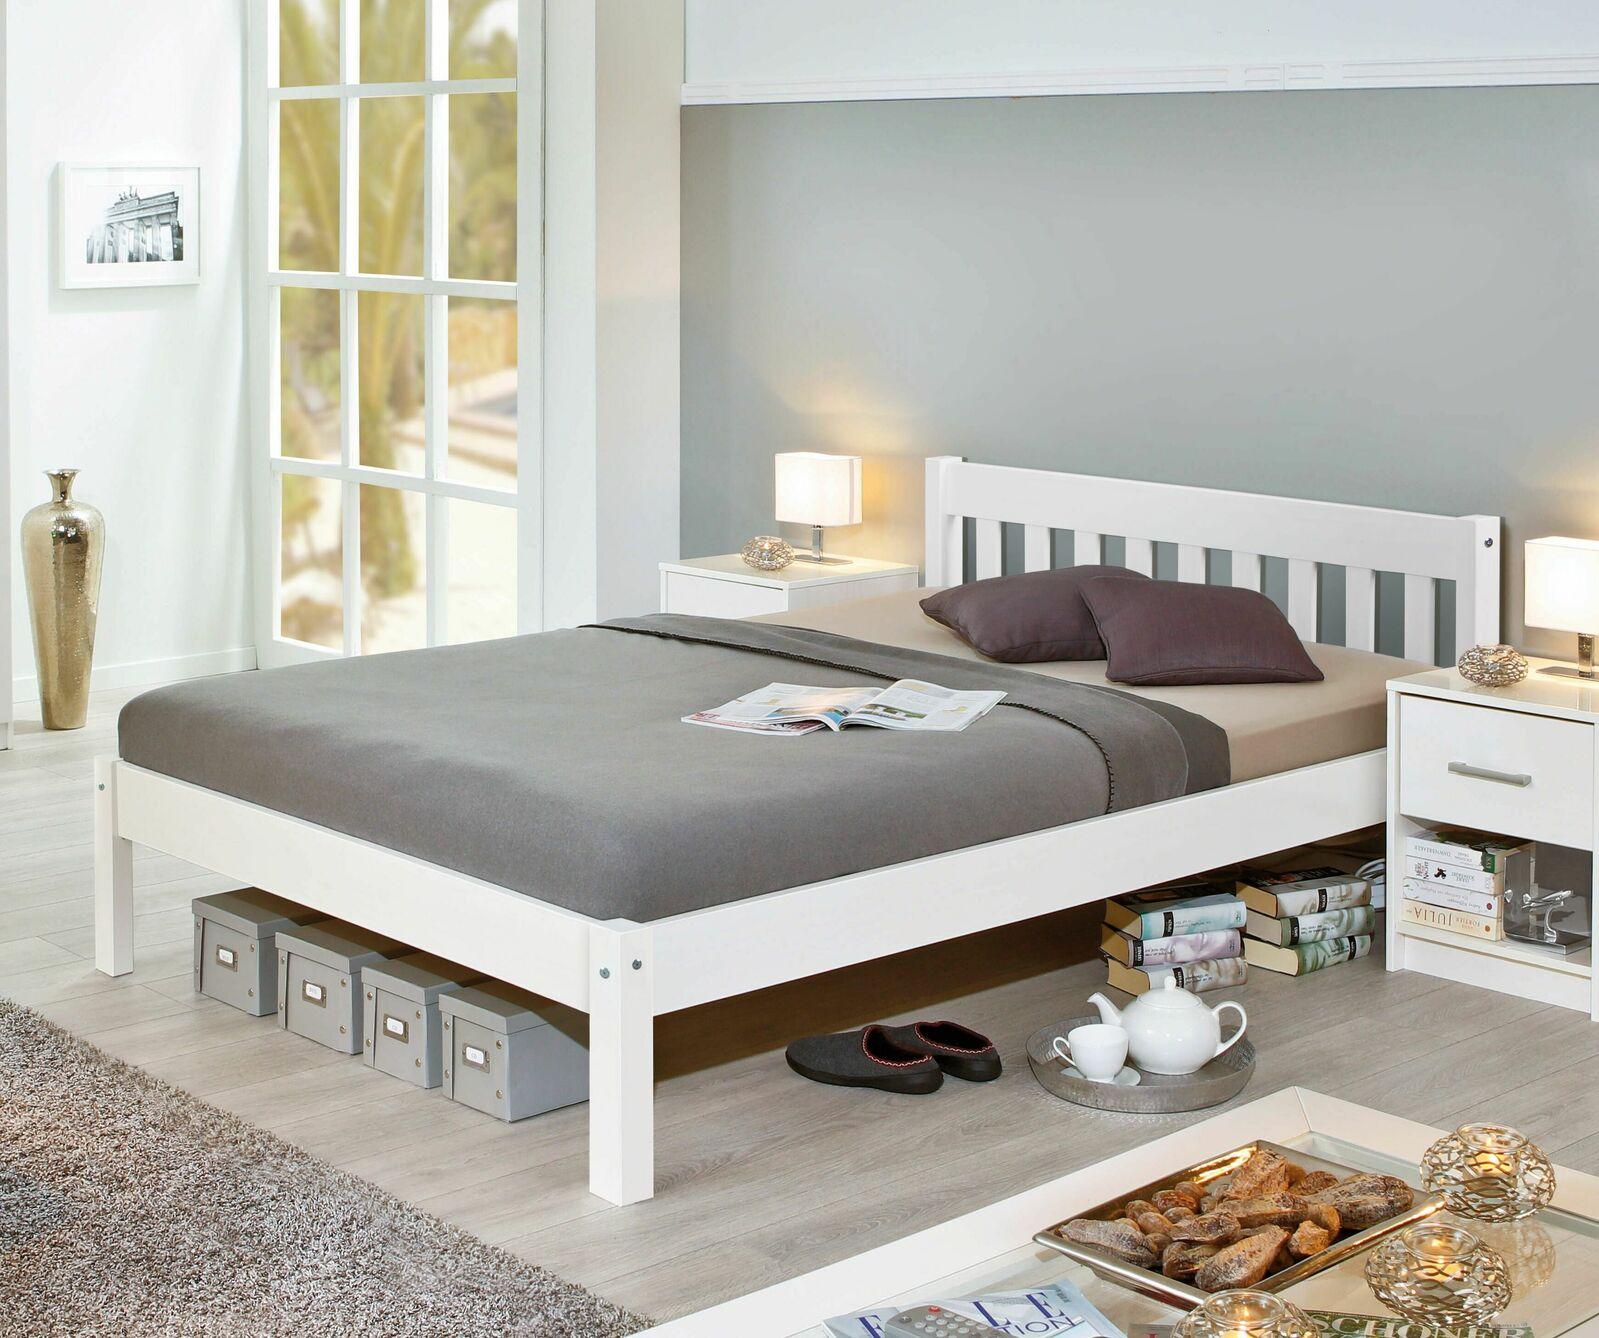 Full Size of Bett Mit Ausziehbett 140x200 Ikea Günstige Betten Selber Bauen Stauraum Günstig Sonoma Eiche Poco Matratze Und Lattenrost Kaufen Weiß Rauch Weißes Wohnzimmer Ausziehbett 140x200